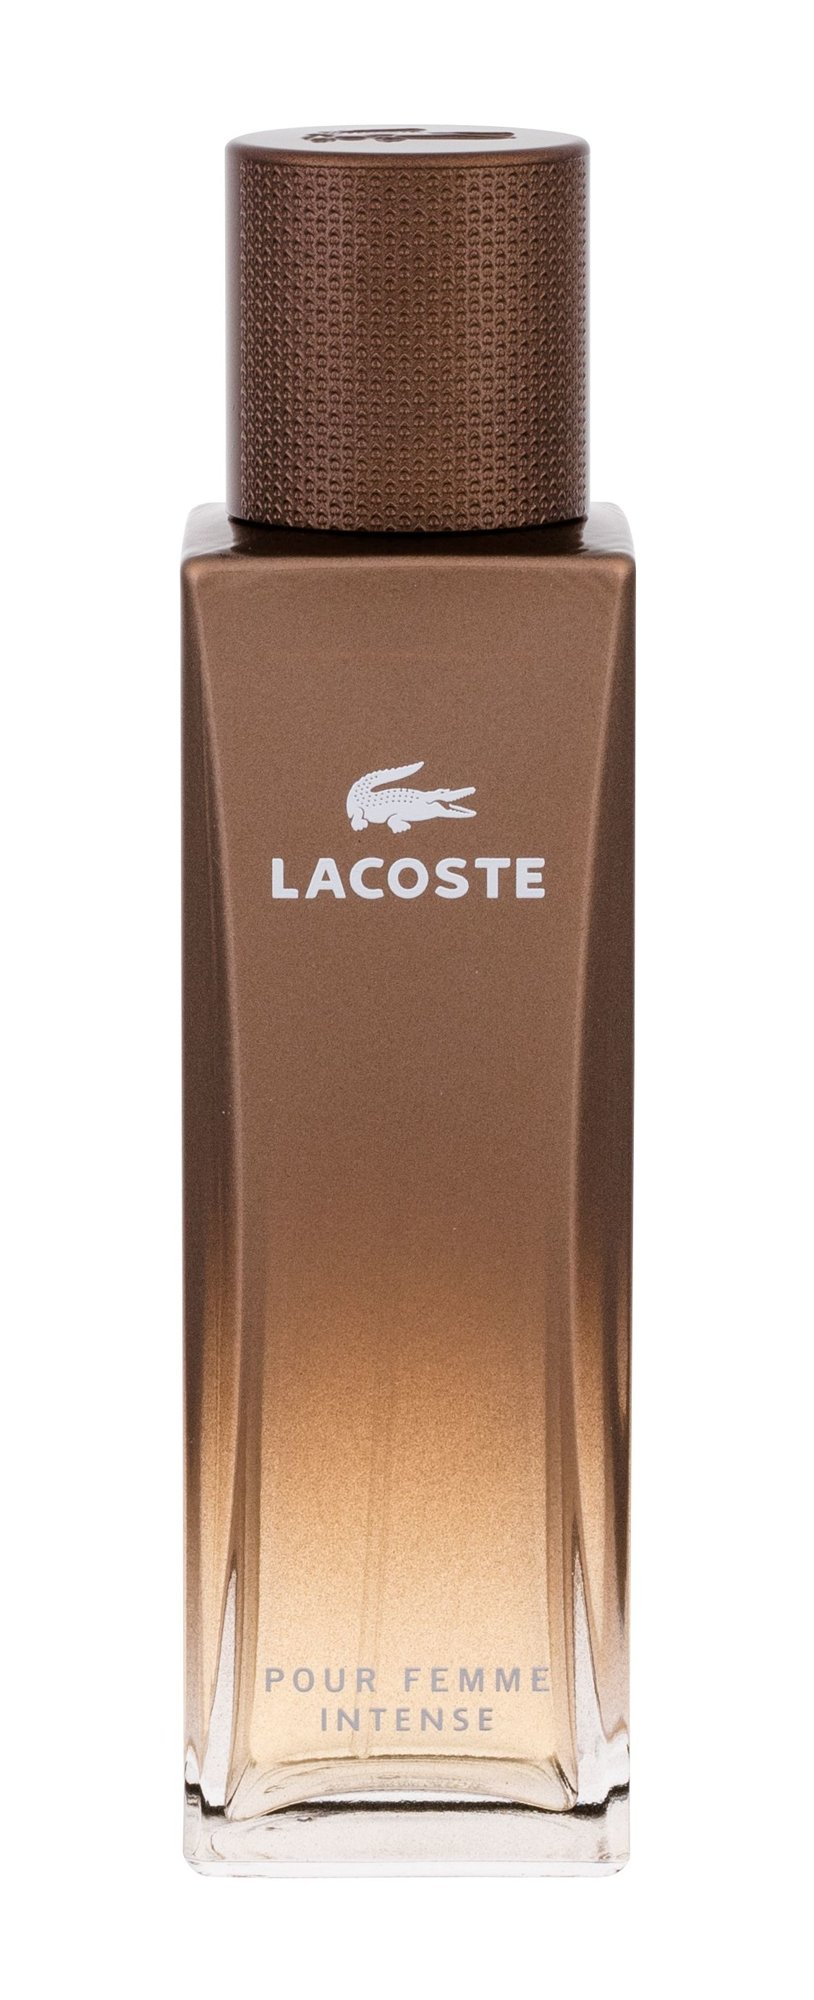 Lacoste Pour Femme Eau de Parfum 50ml